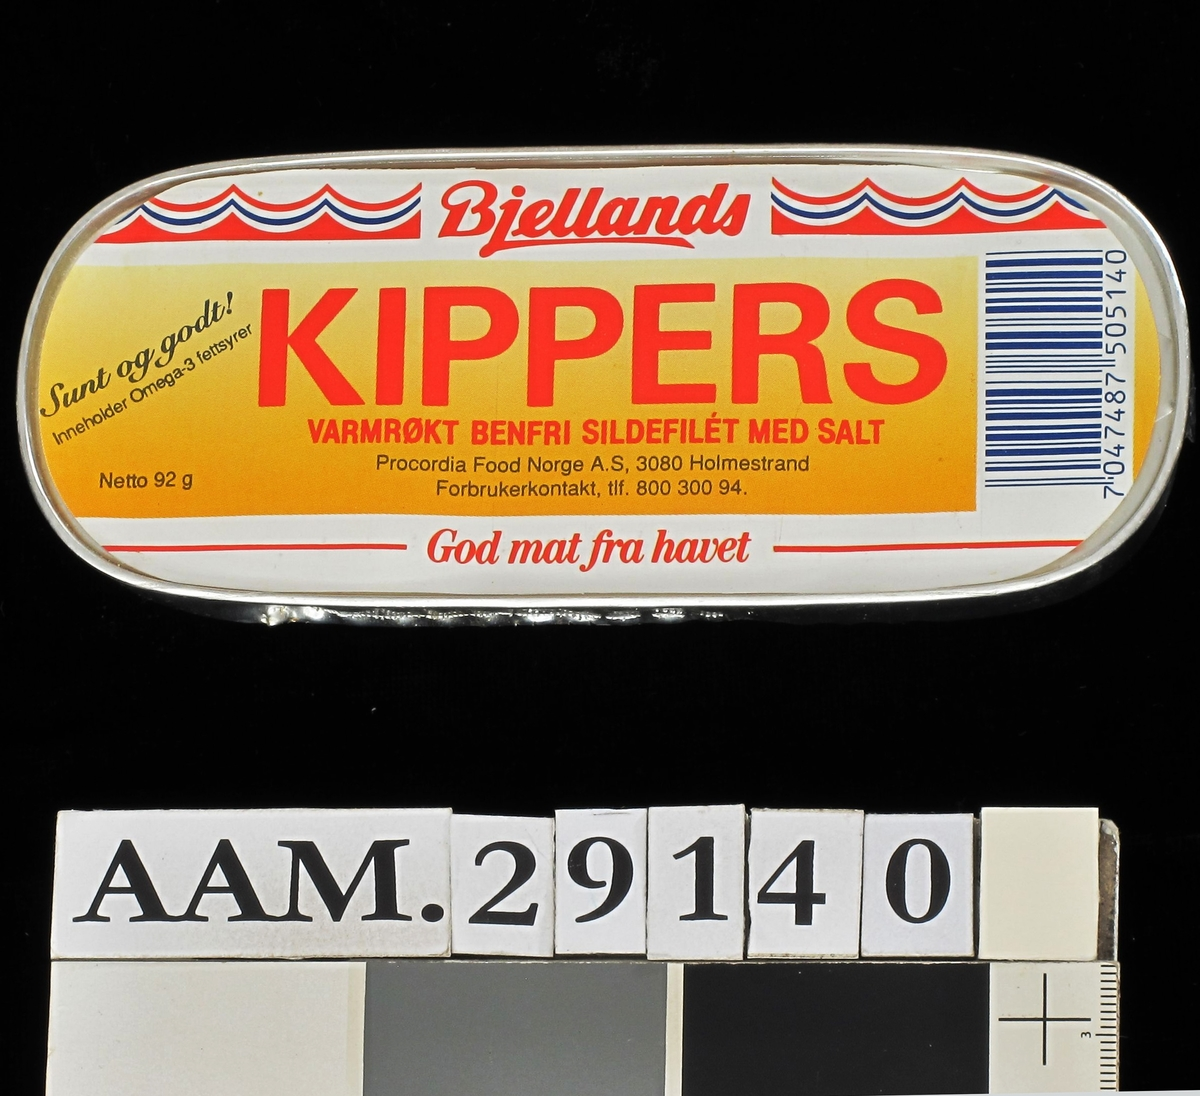 Blikkboks, ca. 92 g, lokket dekket av papiretikett med påtrykt farget mønster, varemerke og vareopplysninger, samt strekkode.   Boksen har en liten metallklaff i den ene enden, og skal åpnes ovenfra med boksnøkkel som vanligvis medfølger boksen, i dette tilfelle har den vært klebet til boksens underside. Boksnøkkelen trees inn på klaffen, og lokket vries opp. Dette var i 1995 en teknikk som knapt var i bruk.   Boksen er åpnet i bunnen for å bevare boksens utseende i vanligste synsvinkel.